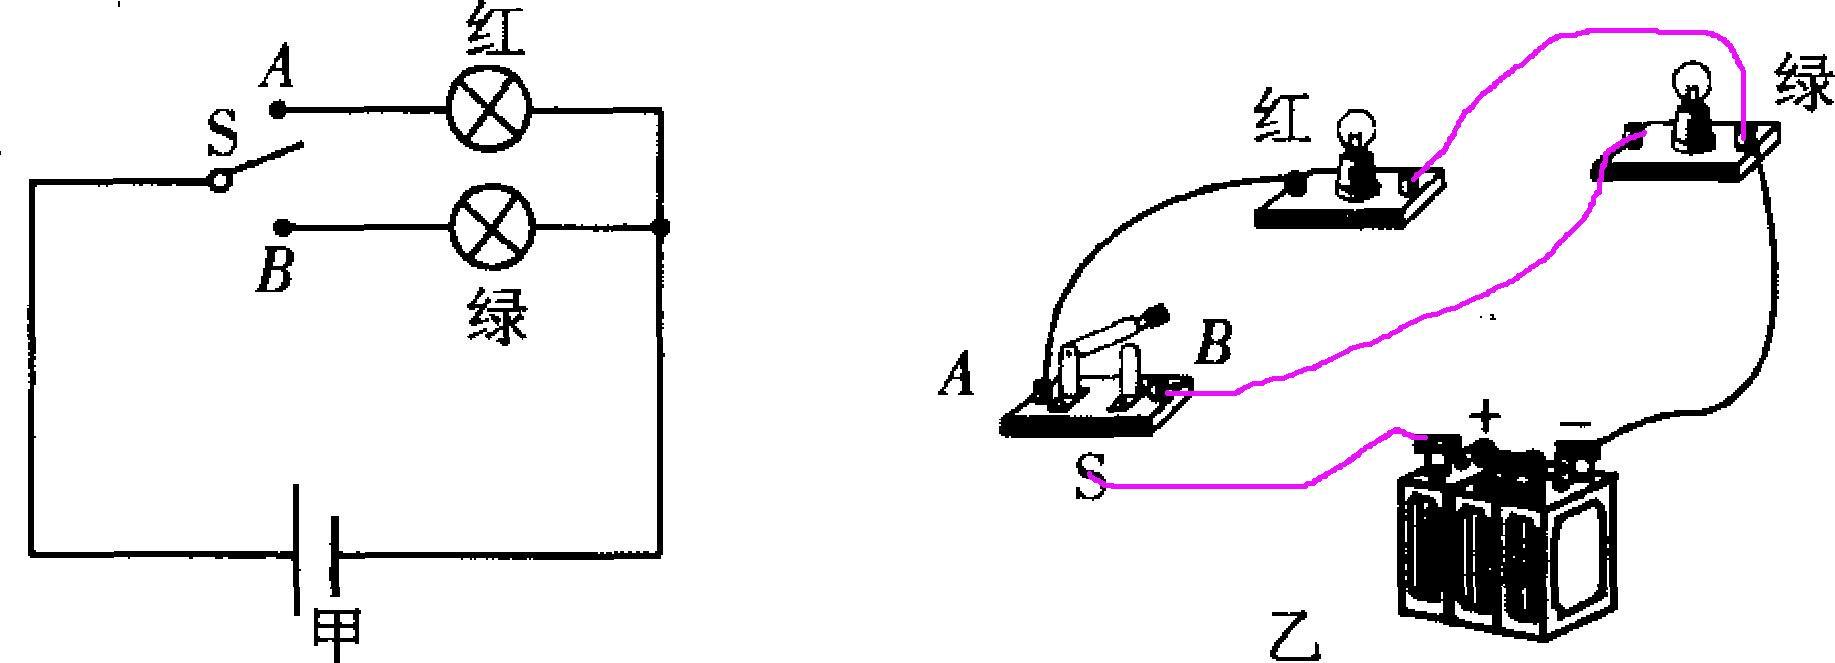 请你根据图甲所示的电路图,用笔画线代替导线,将图乙中未连接好的